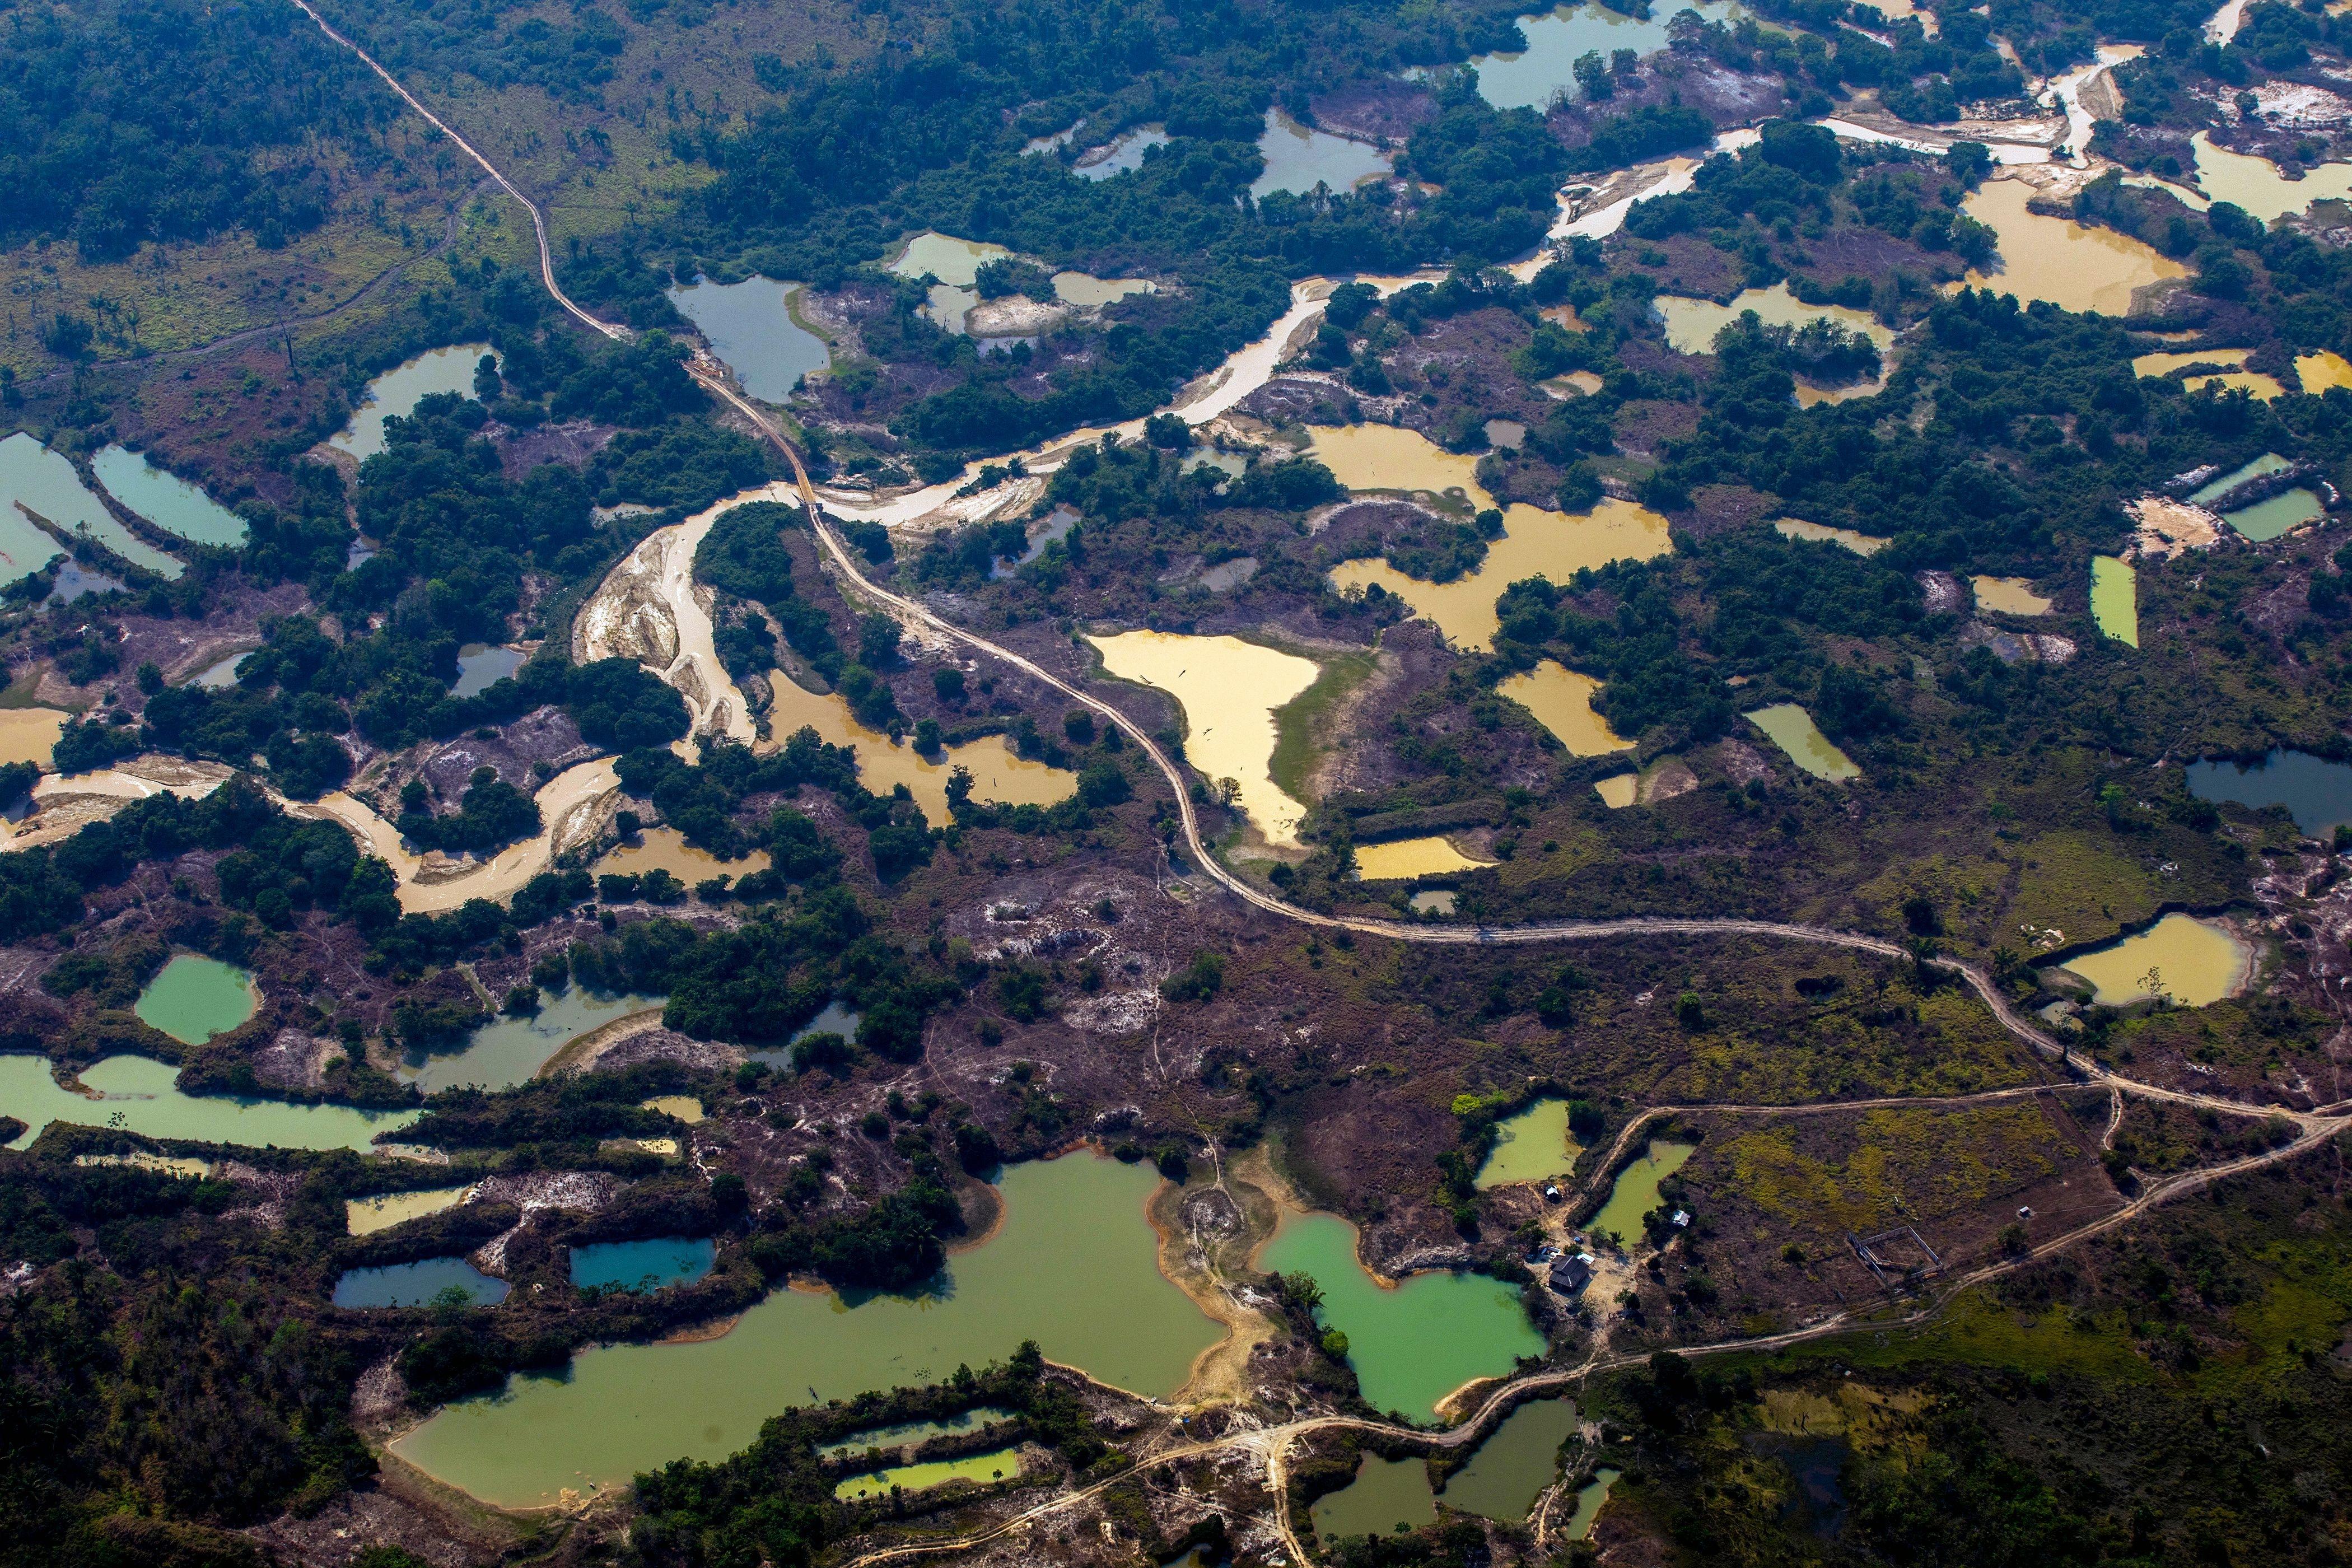 Campo de mineração de ouro informal Esperança IV, perto do território indígena Menkragnoti, no Pará, em 28 de agosto de 2019.